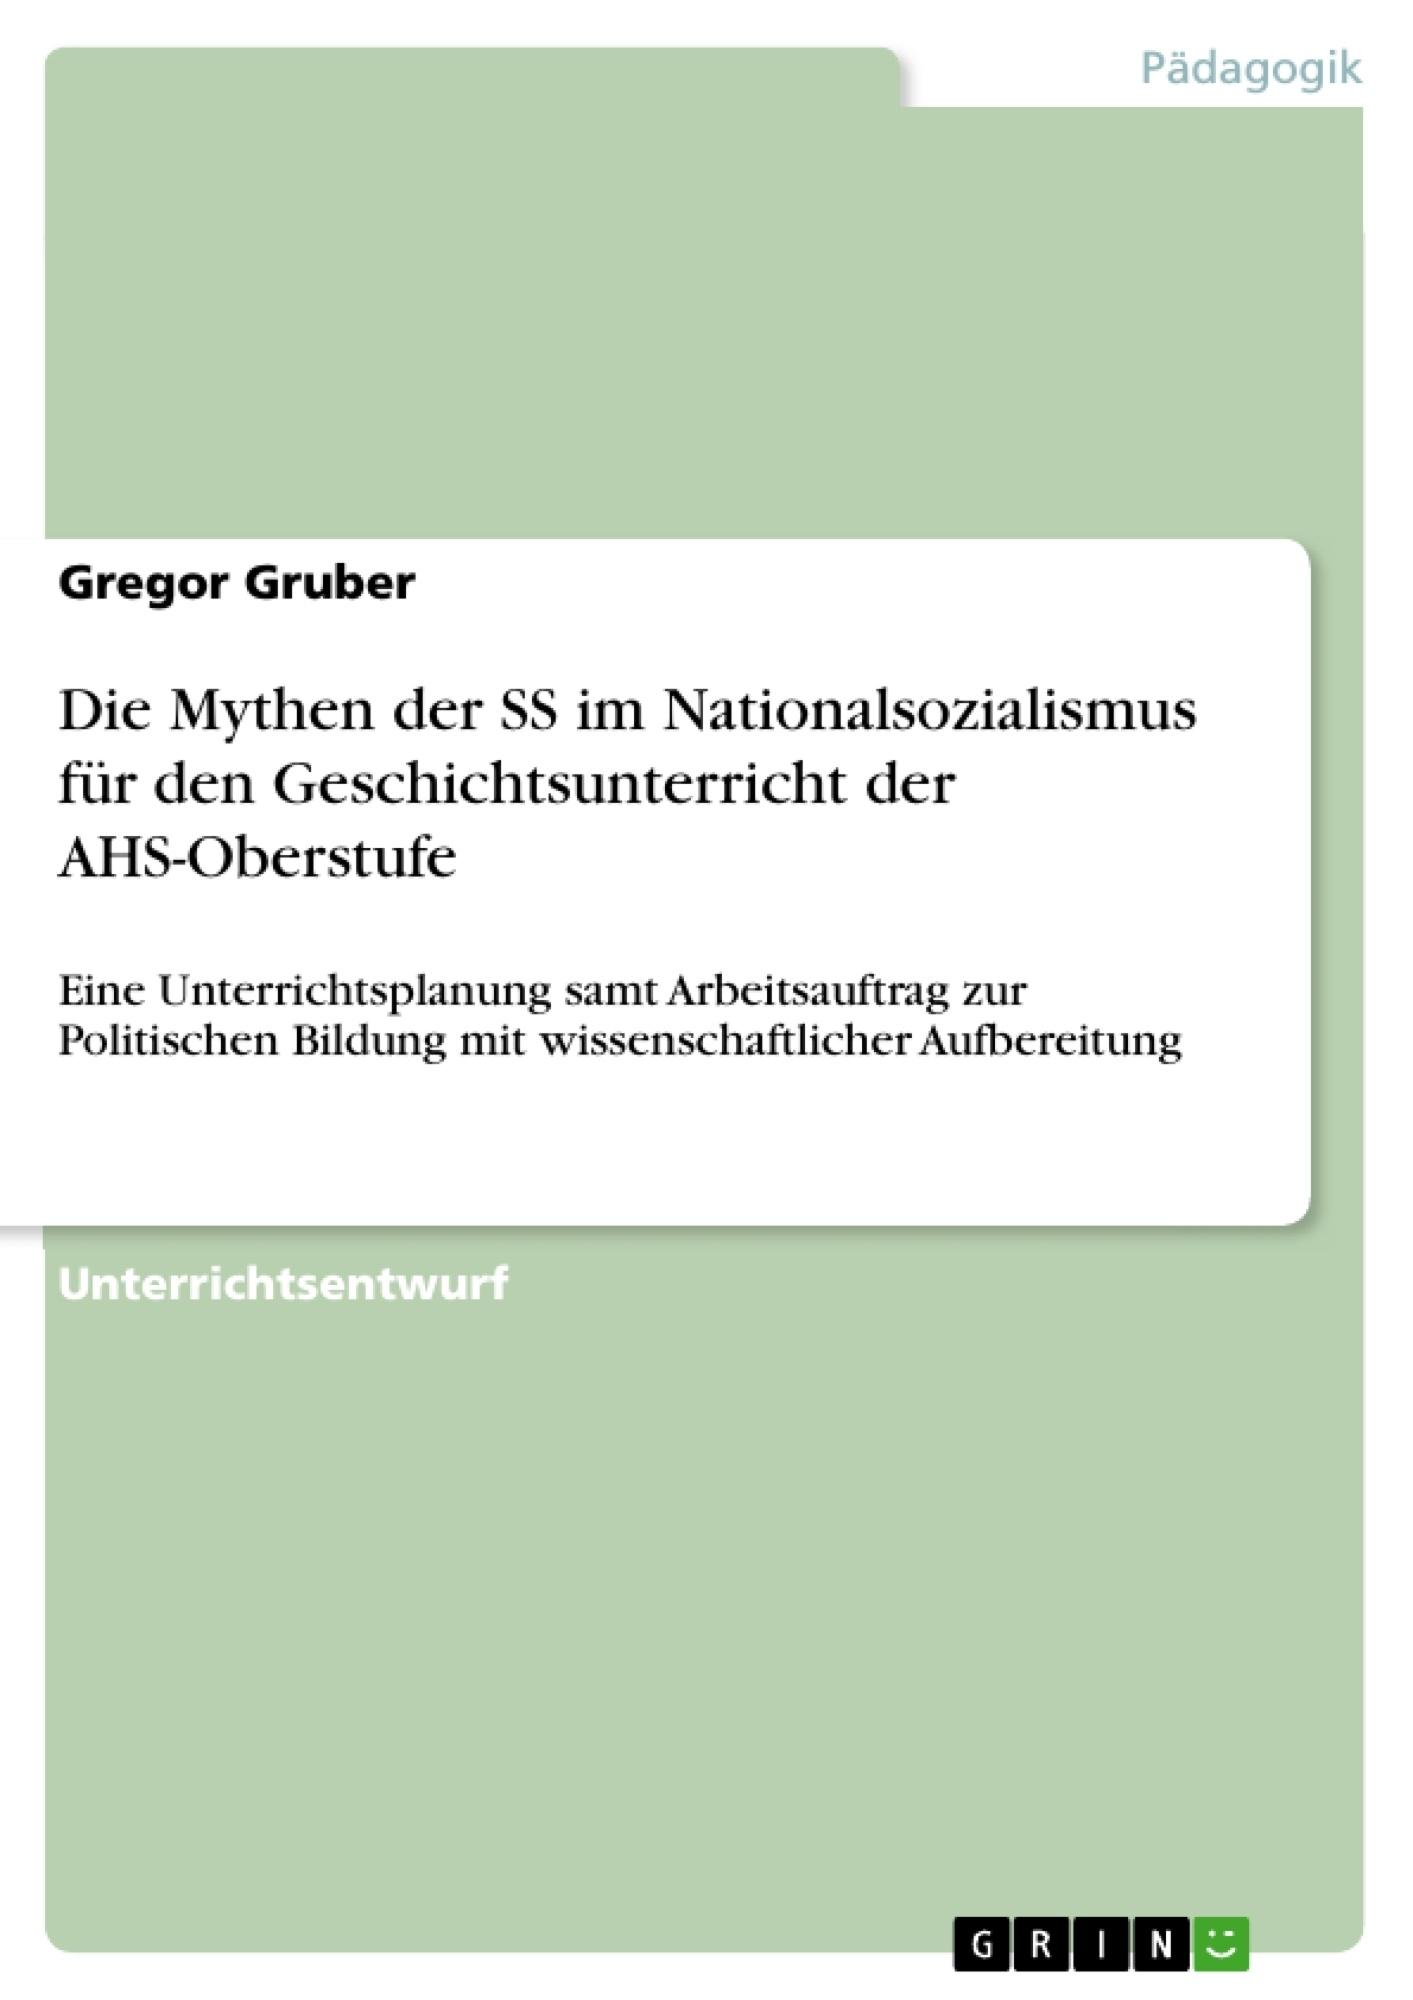 Titel: Die Mythen der SS im Nationalsozialismus für den Geschichtsunterricht der AHS-Oberstufe